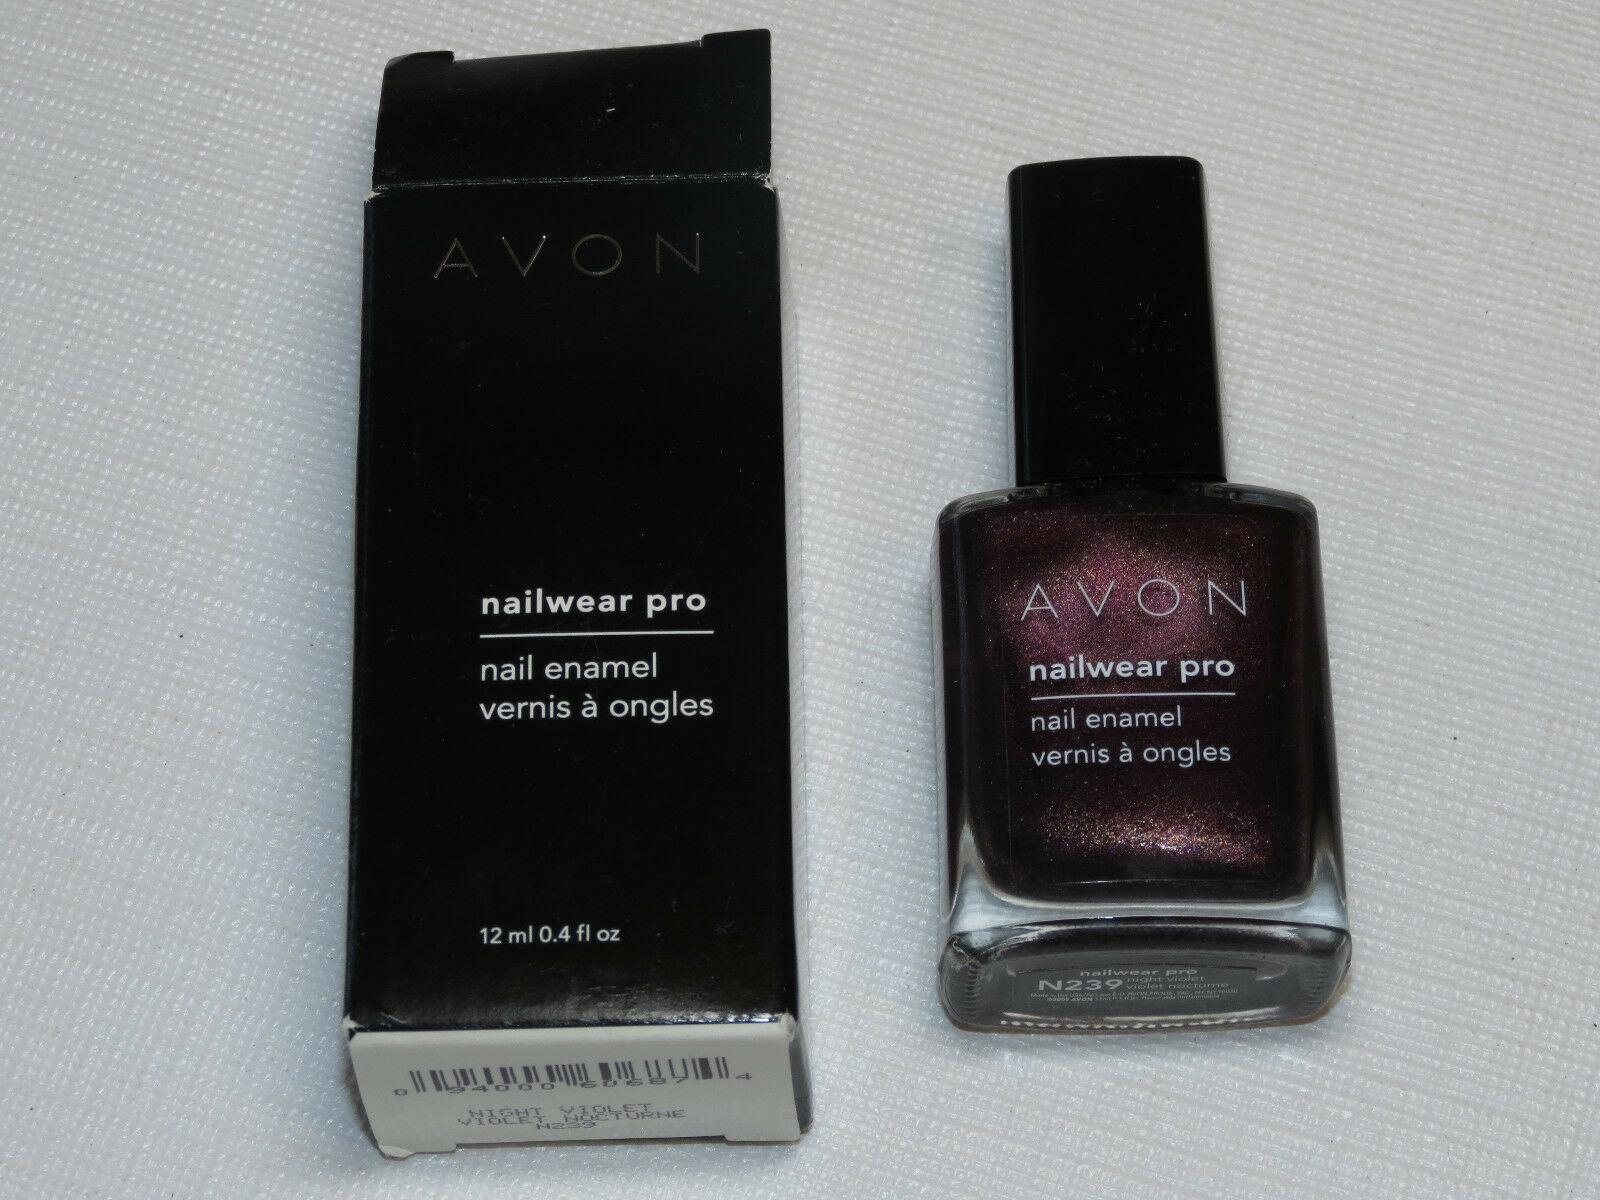 Avon nail Wear Pro Enamel Night Violet 12 ml 0.4 fl oz nail polish mani pedi - $19.68